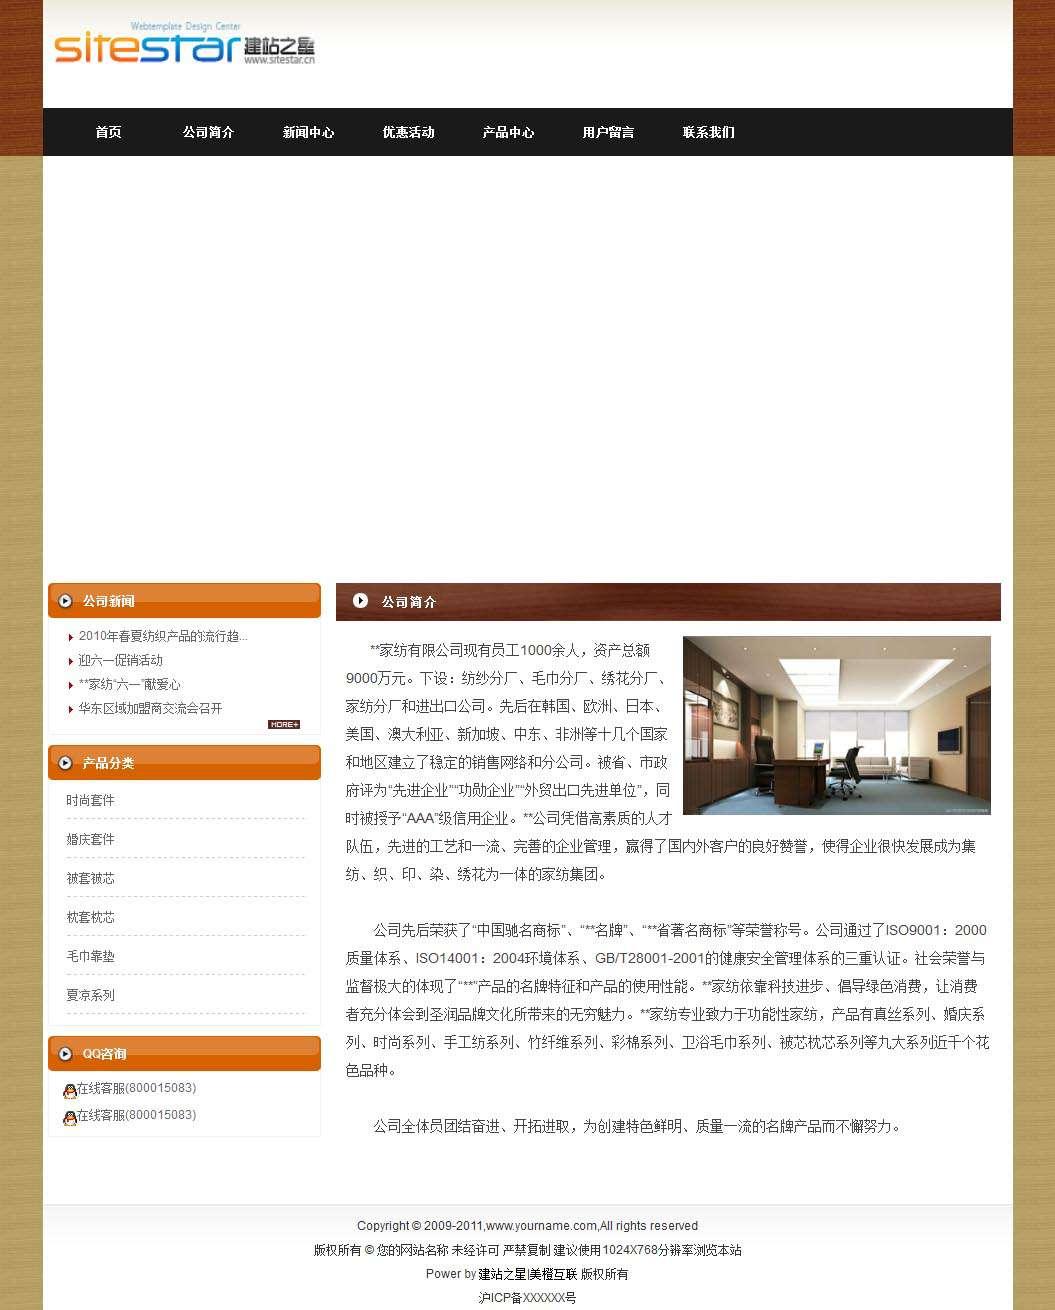 企业网站-家居A29模板关于我们页面